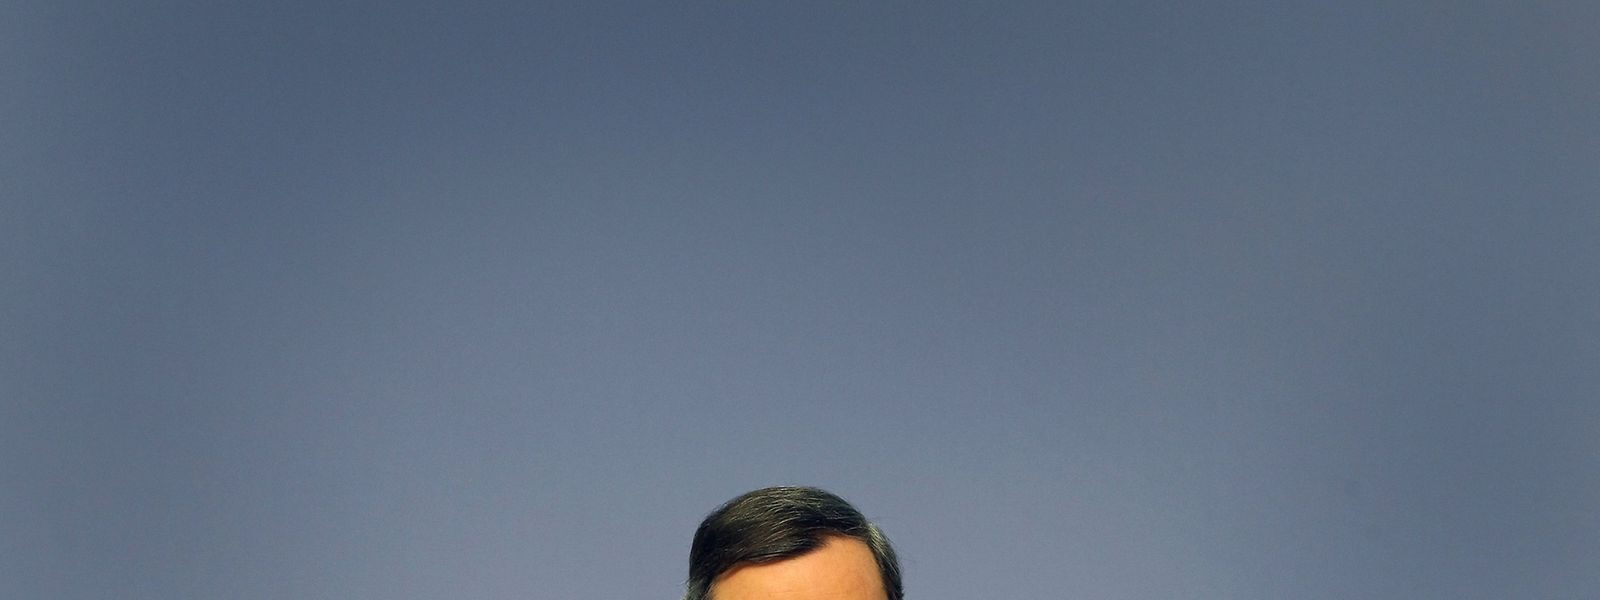 O objectivo das medidas aunciadas por Mario Draghi é combater a deflaçâo